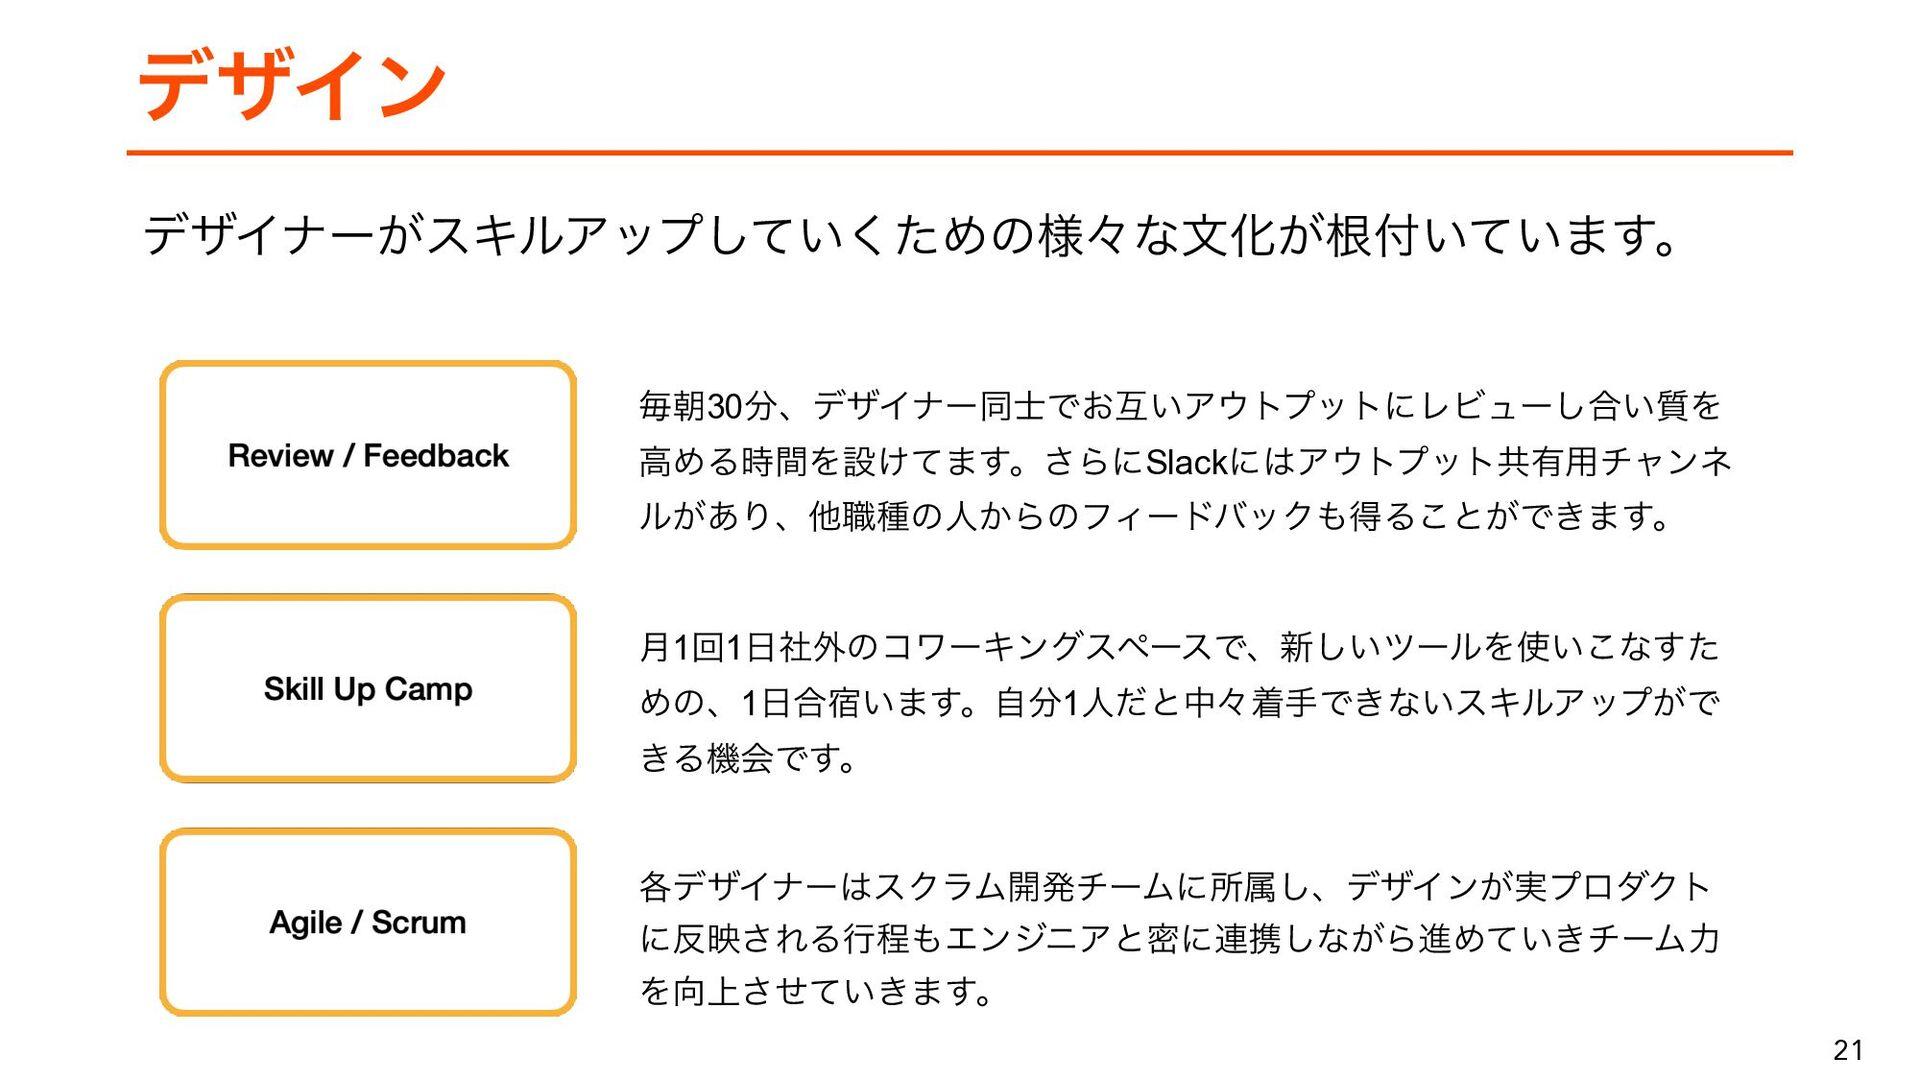 21 21 デザイン コラボレーションに適したモダンなツールを使用しています。さらに使用ツール...